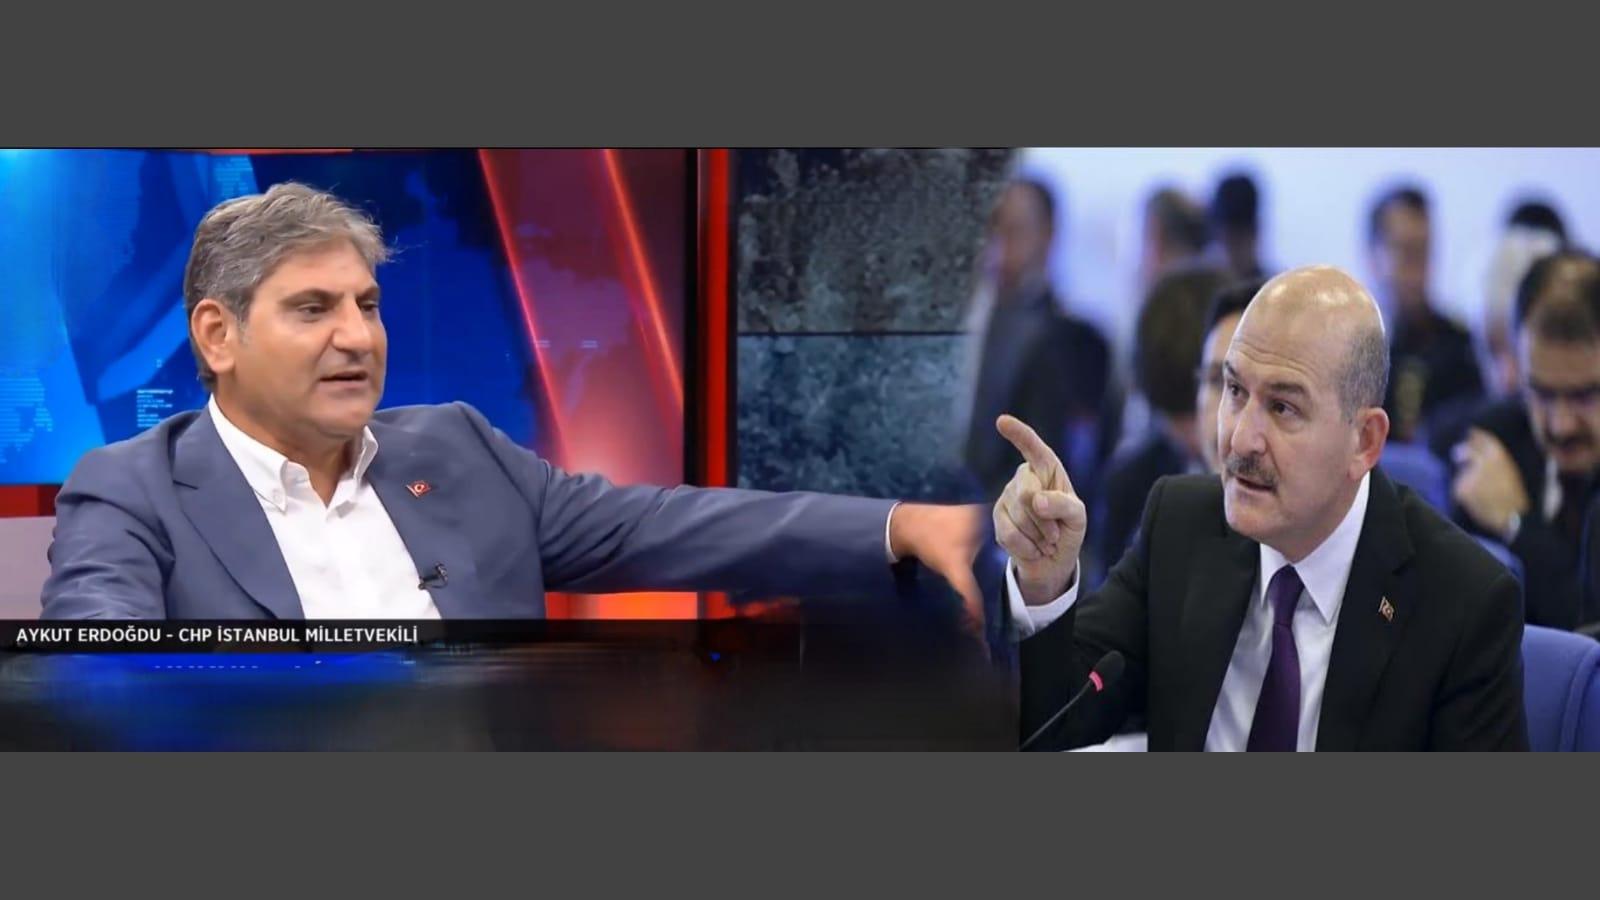 """CHP Milletvekili Aykut Erdoğdu İçişleri Bakanı Soylu'ya """"Mafya lideri"""" dedi."""